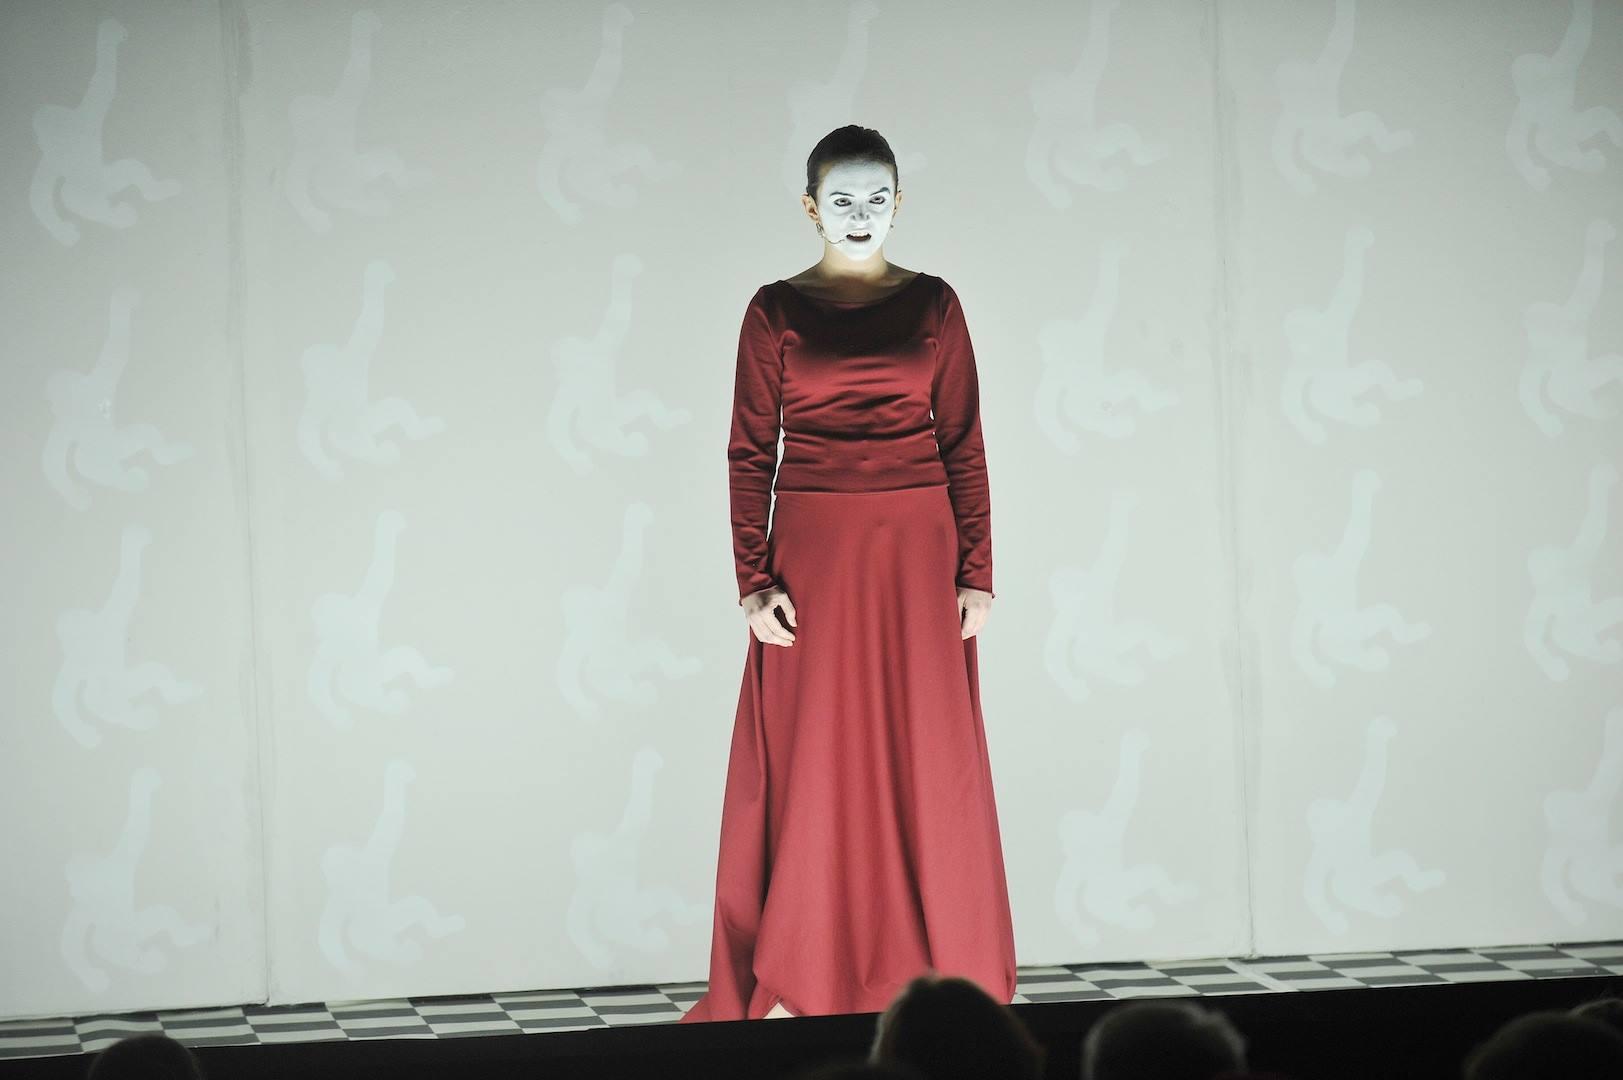 Predstava Mujo, Suljo i Fata u društvu spektakla u BNP Zenica 20. januara u 19.30 sati